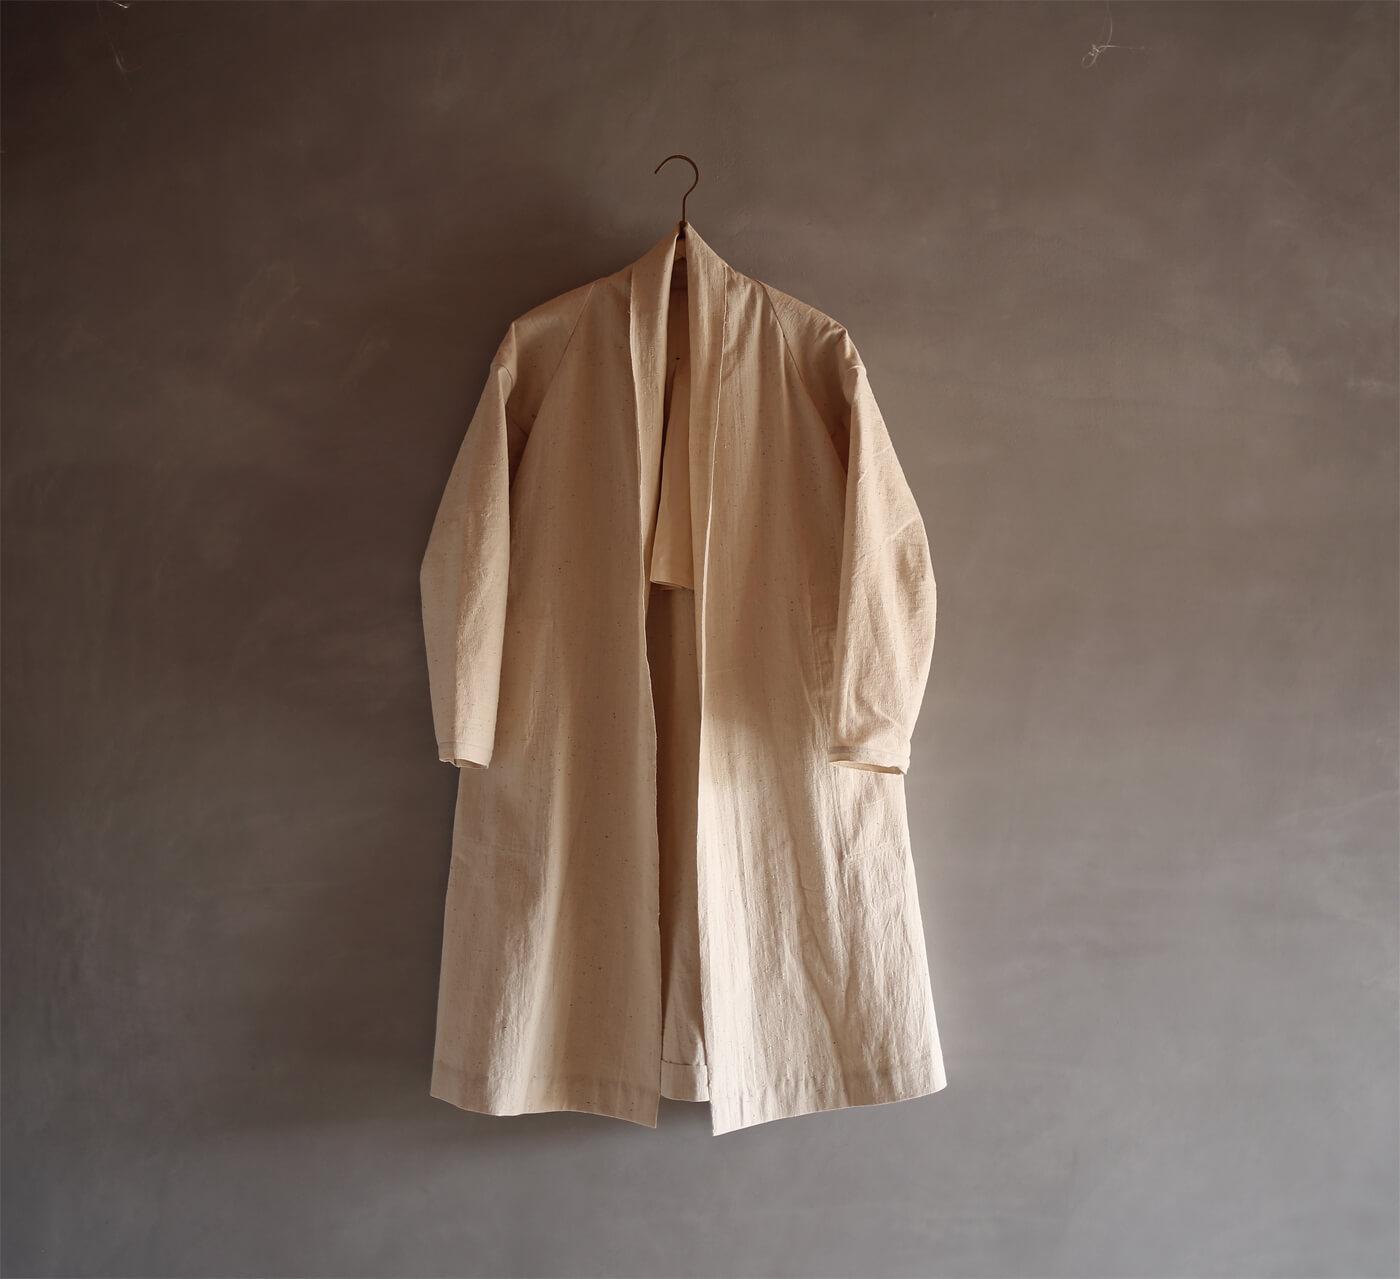 ローブジャケットのアイキャッチ画像